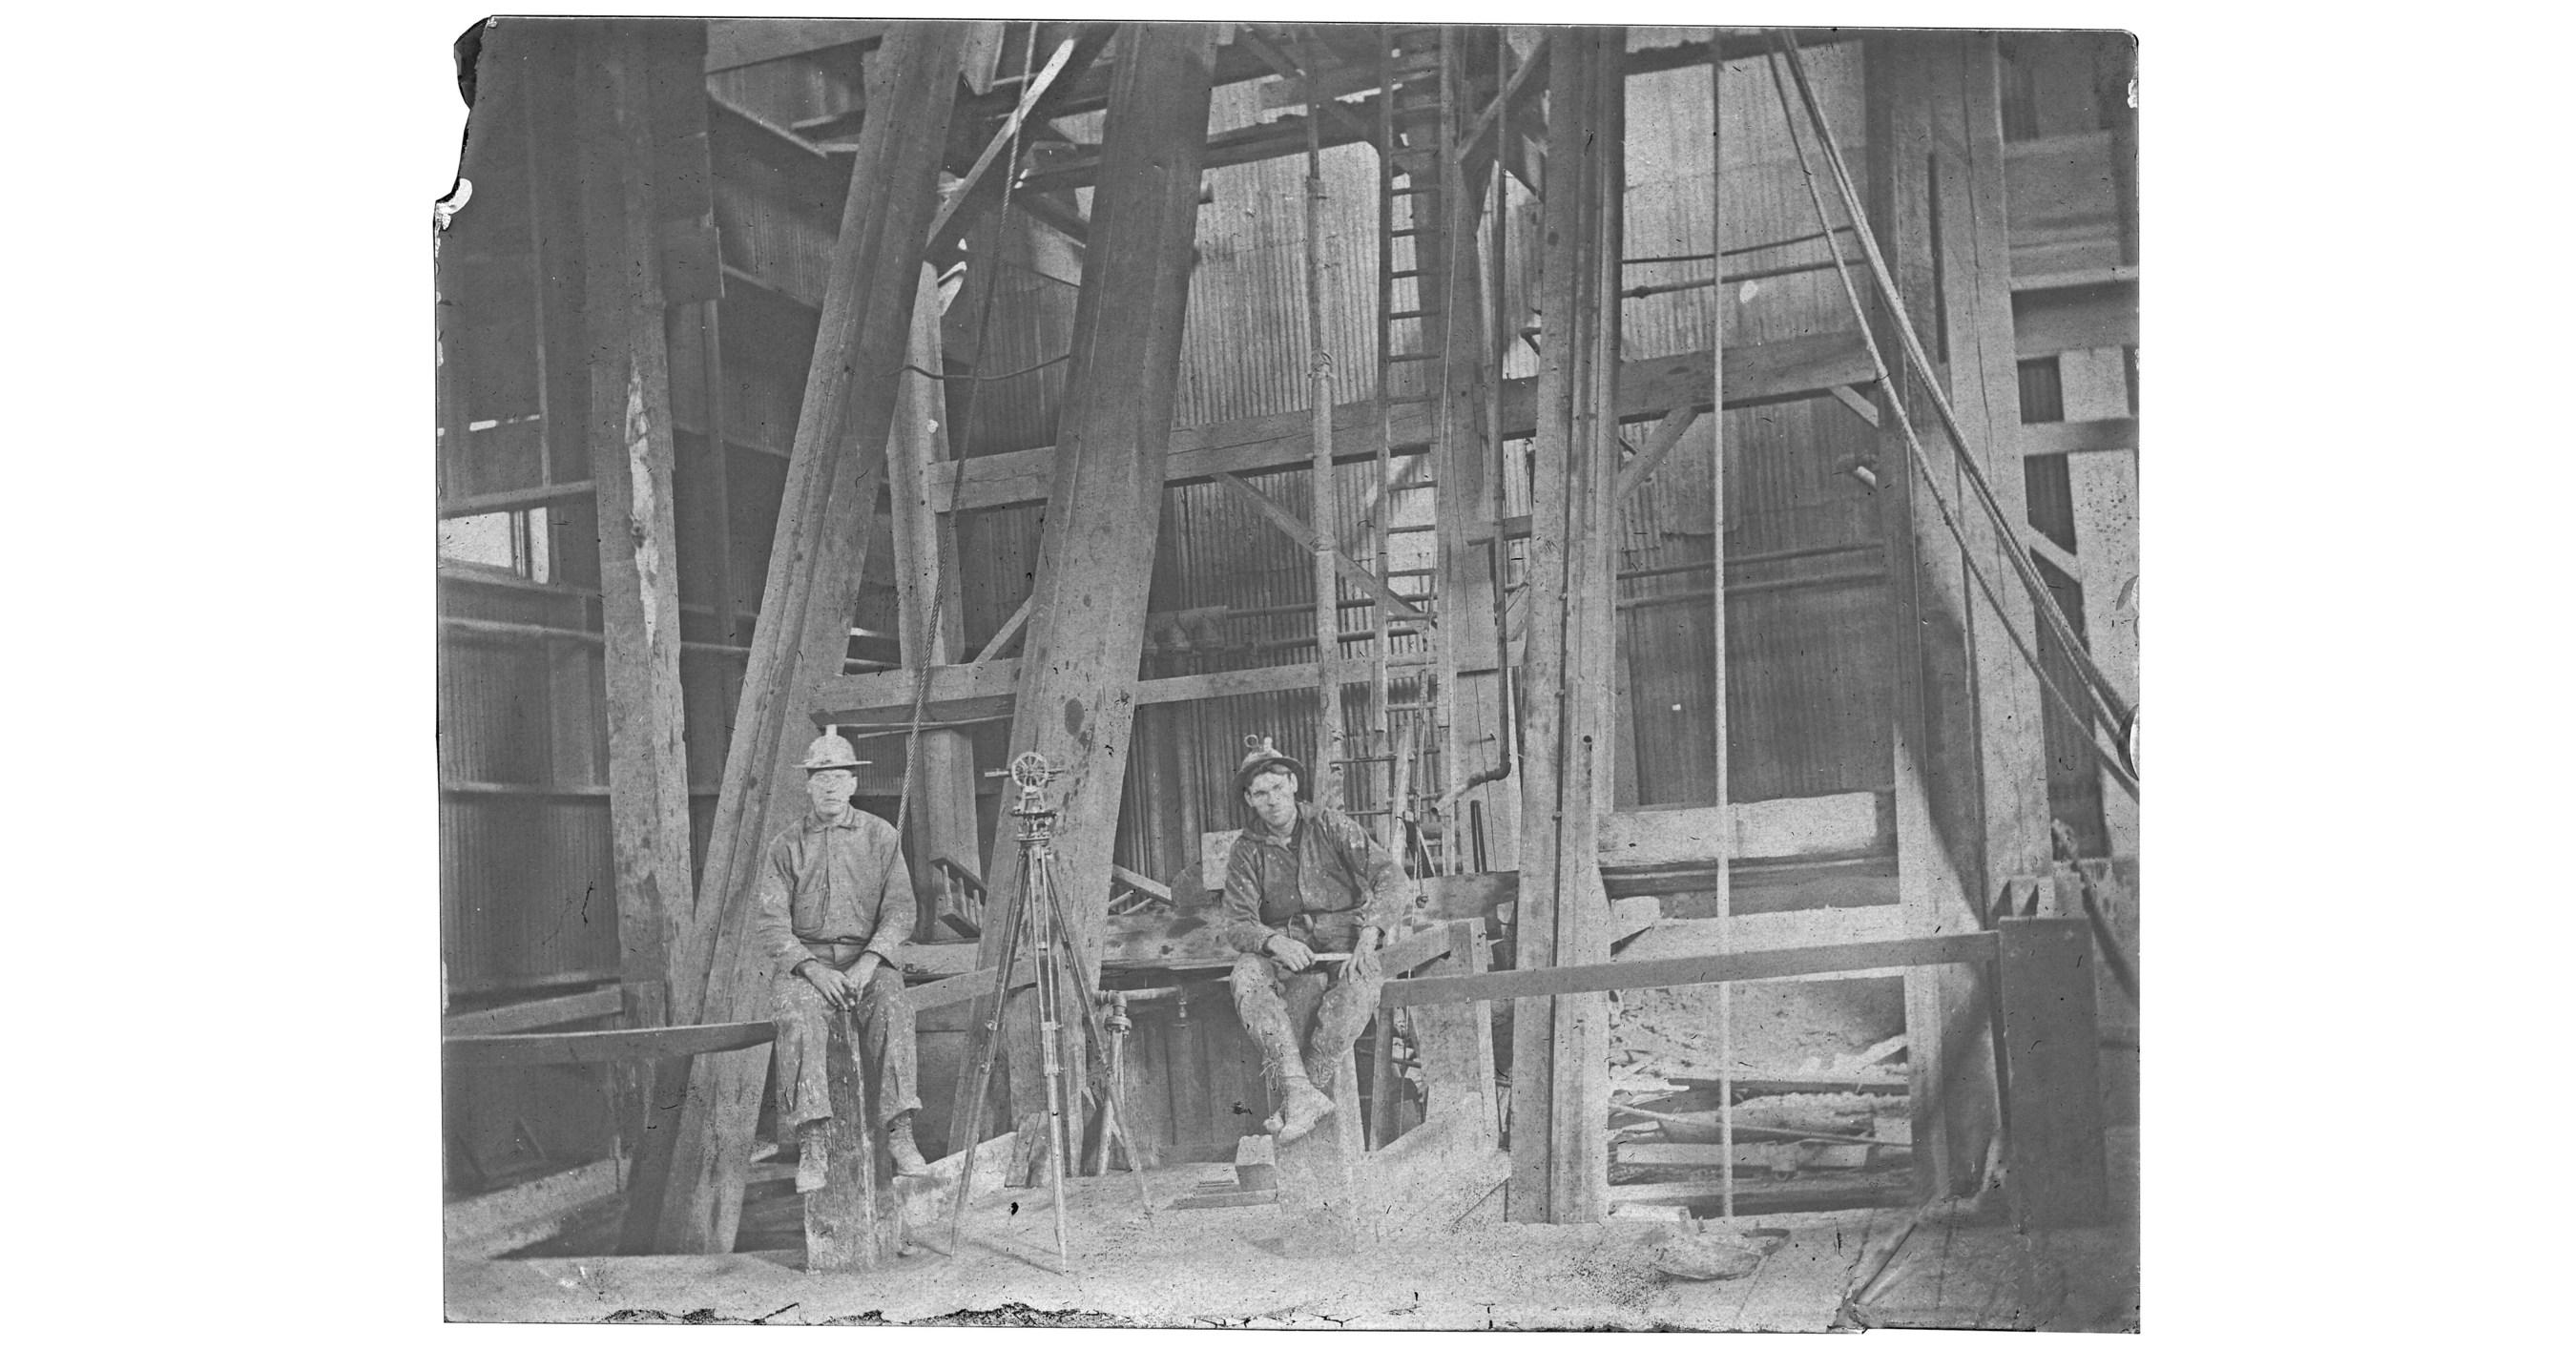 Un historien sp cialis dans l 39 histoire du sel au canada for Dans 150 ans